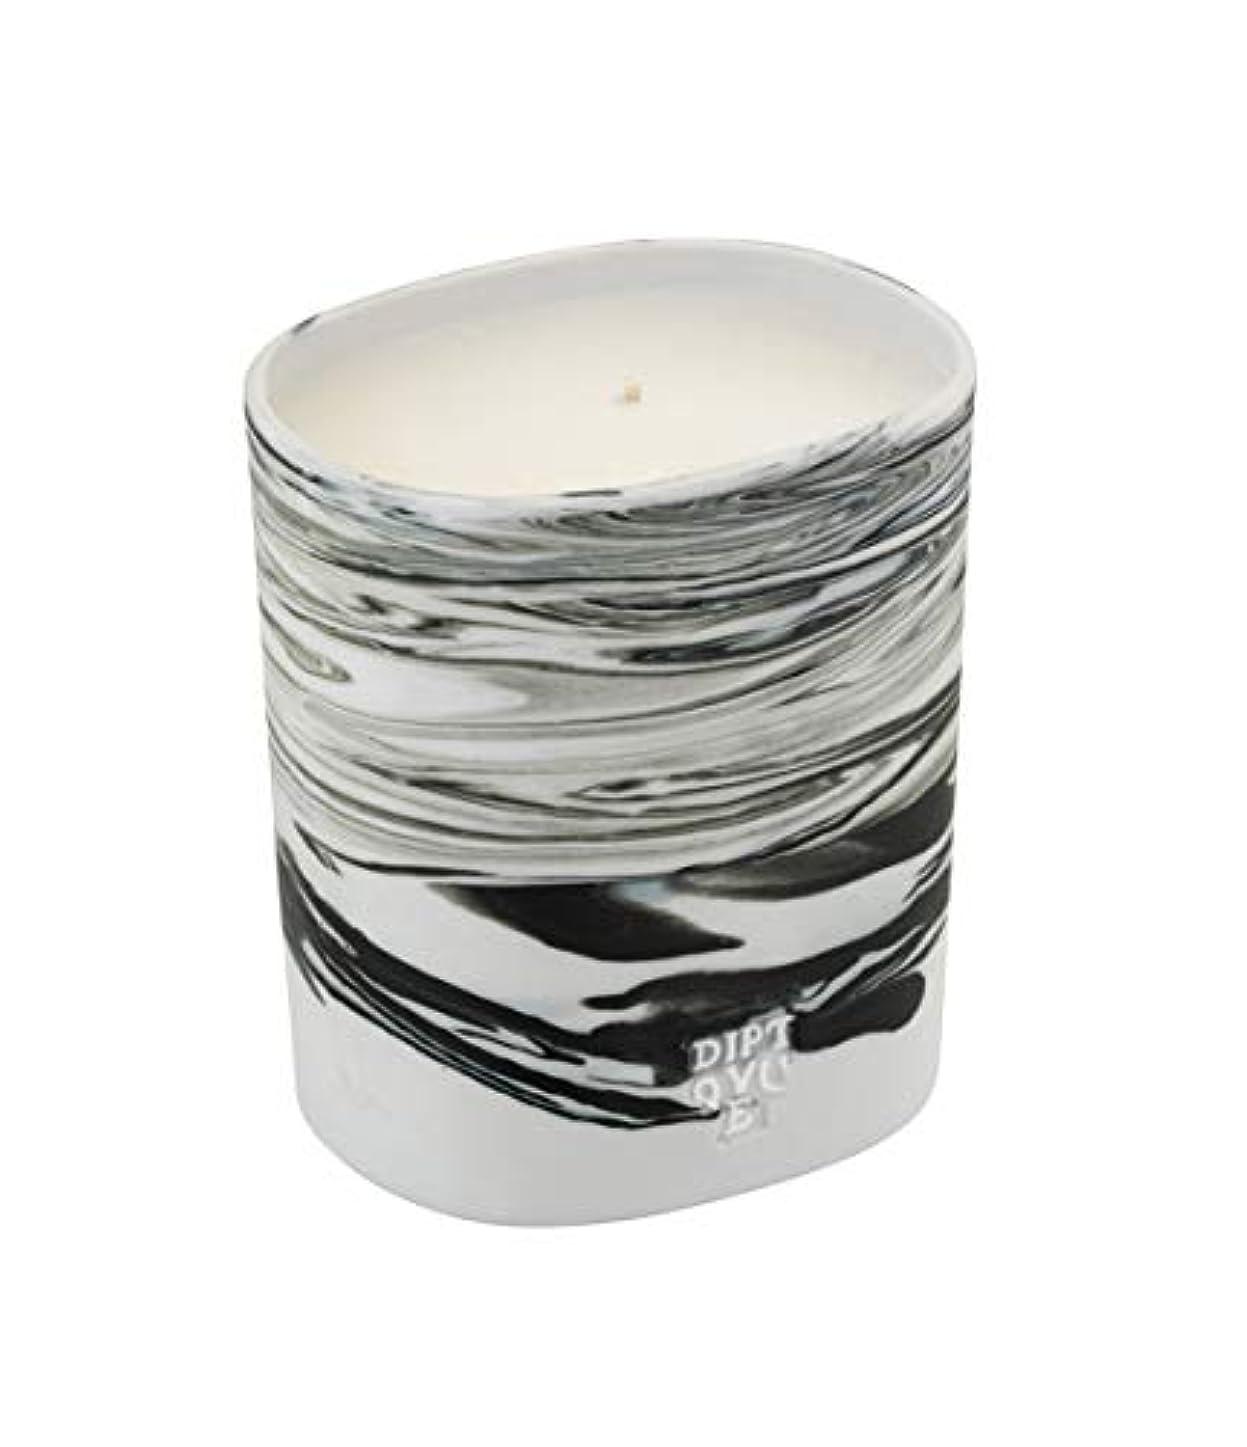 吸収する魅惑的な値するディプティック キャンドル - ル ルドゥテ 220g/7.3oz並行輸入品